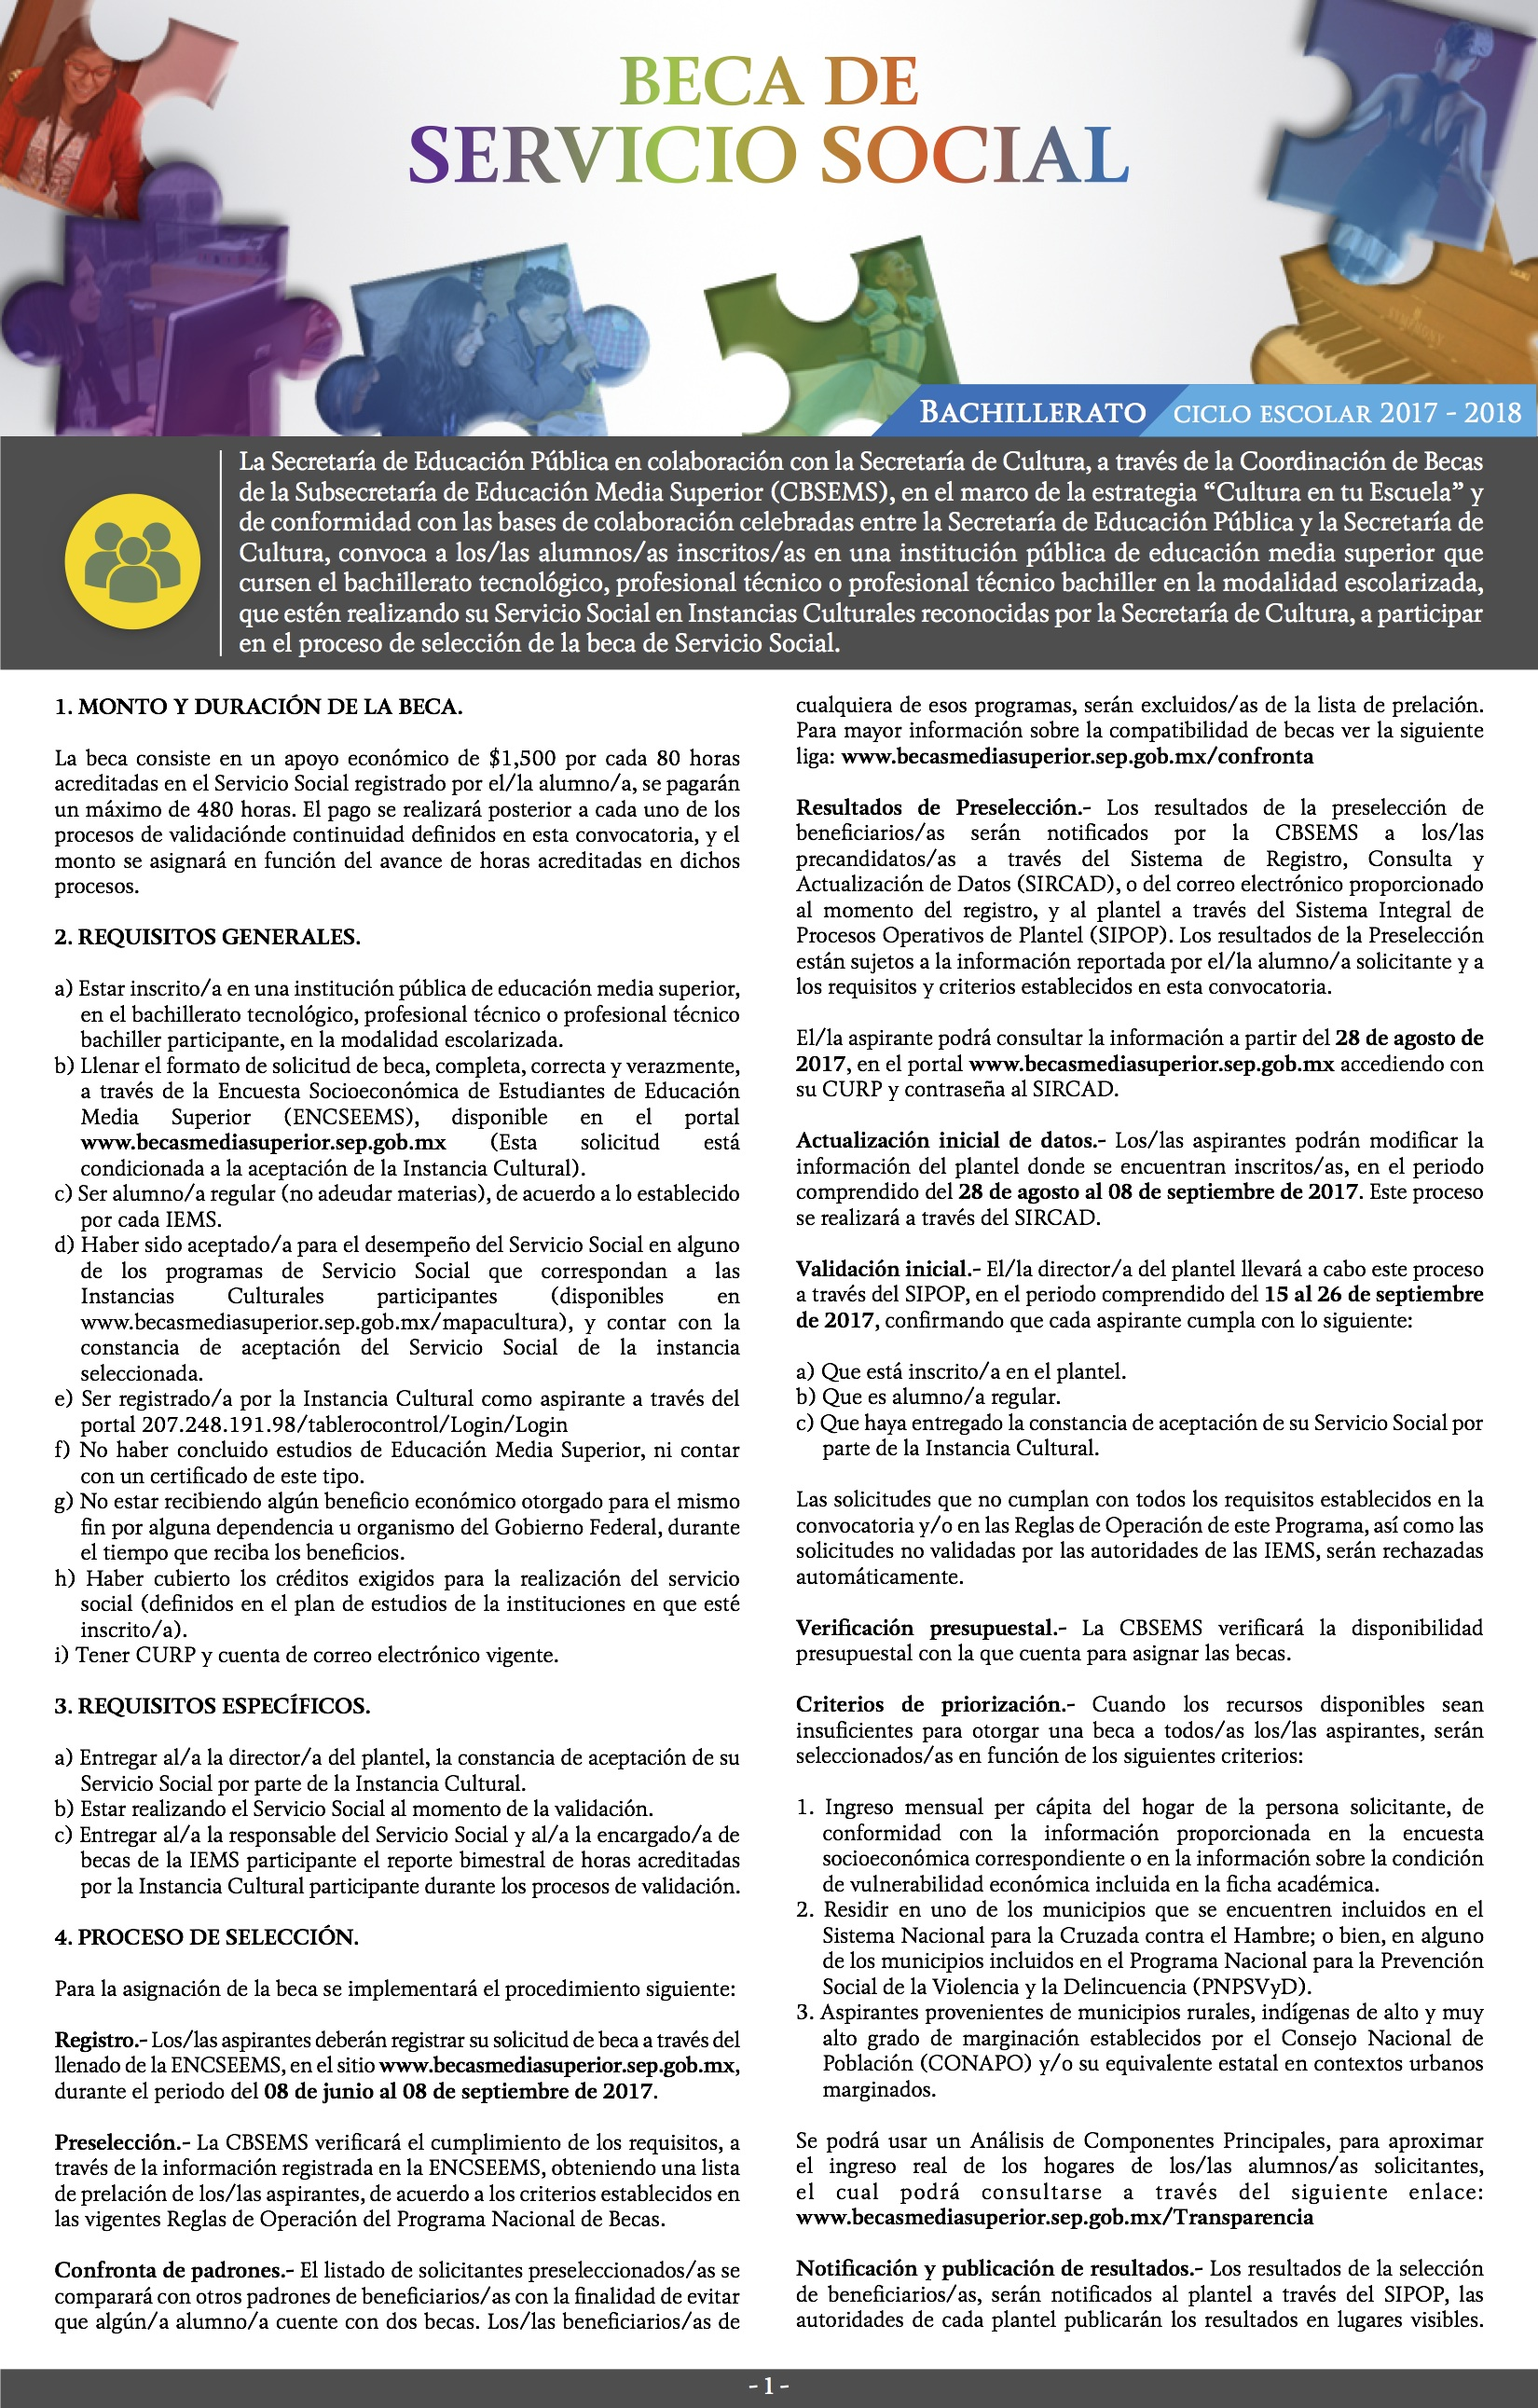 Servicio Social_17_c1